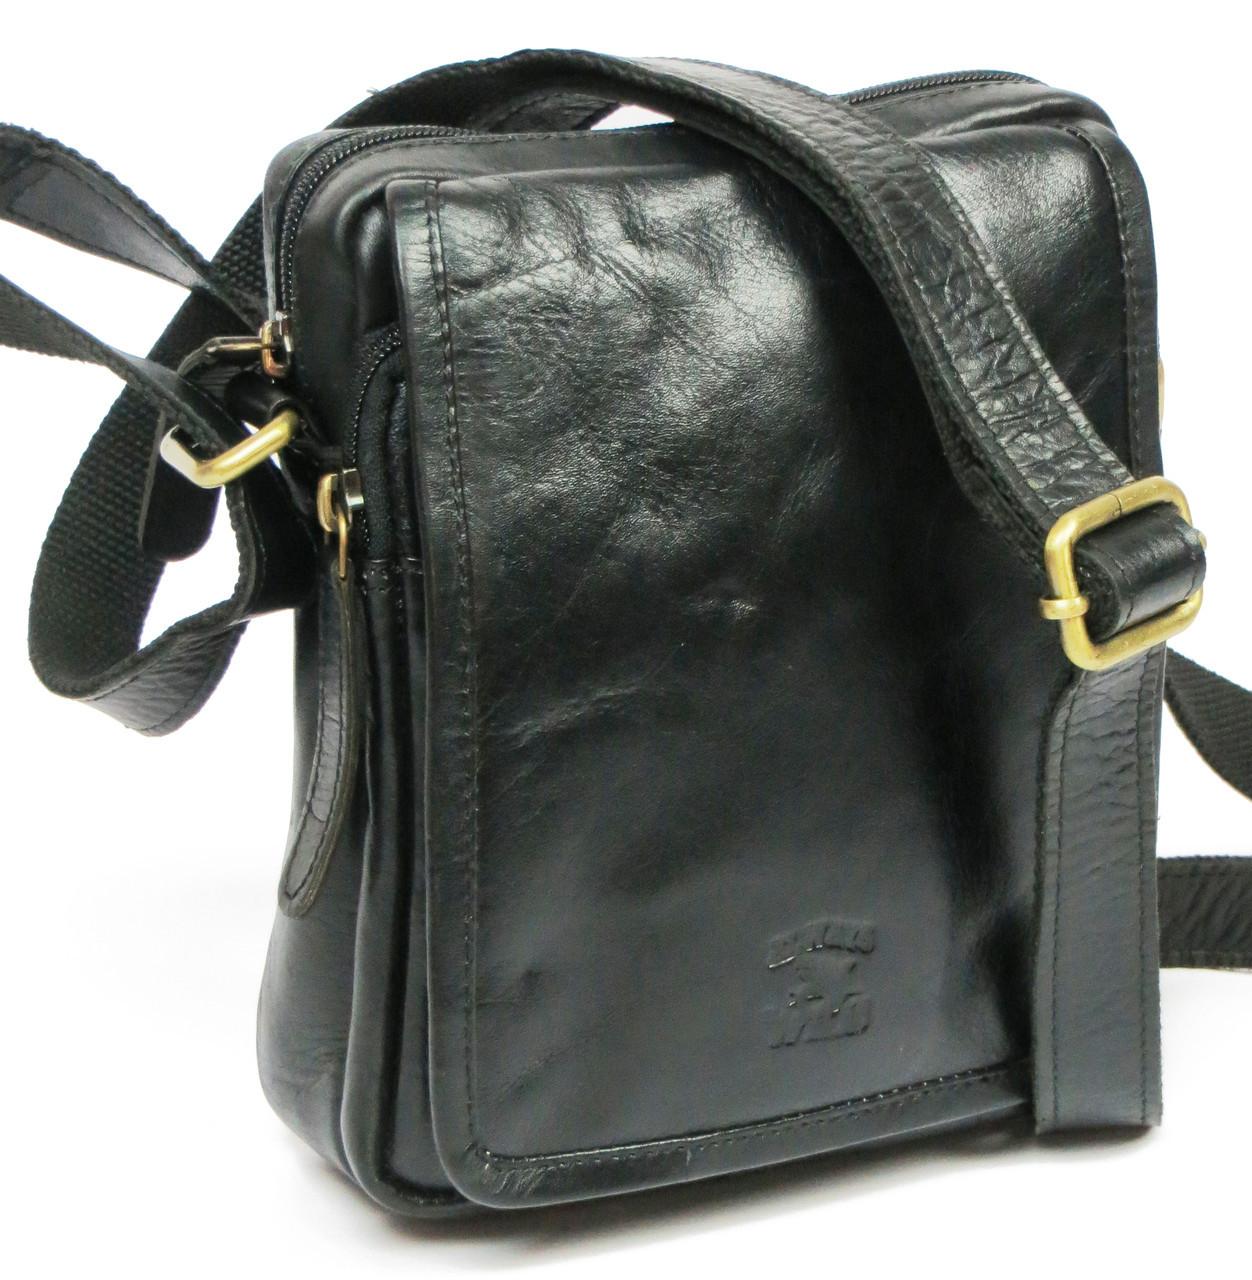 6ad5d4d1b65c Мужская кожаная сумка-барсетка Always Wild 5031 черная - Интернет - магазин